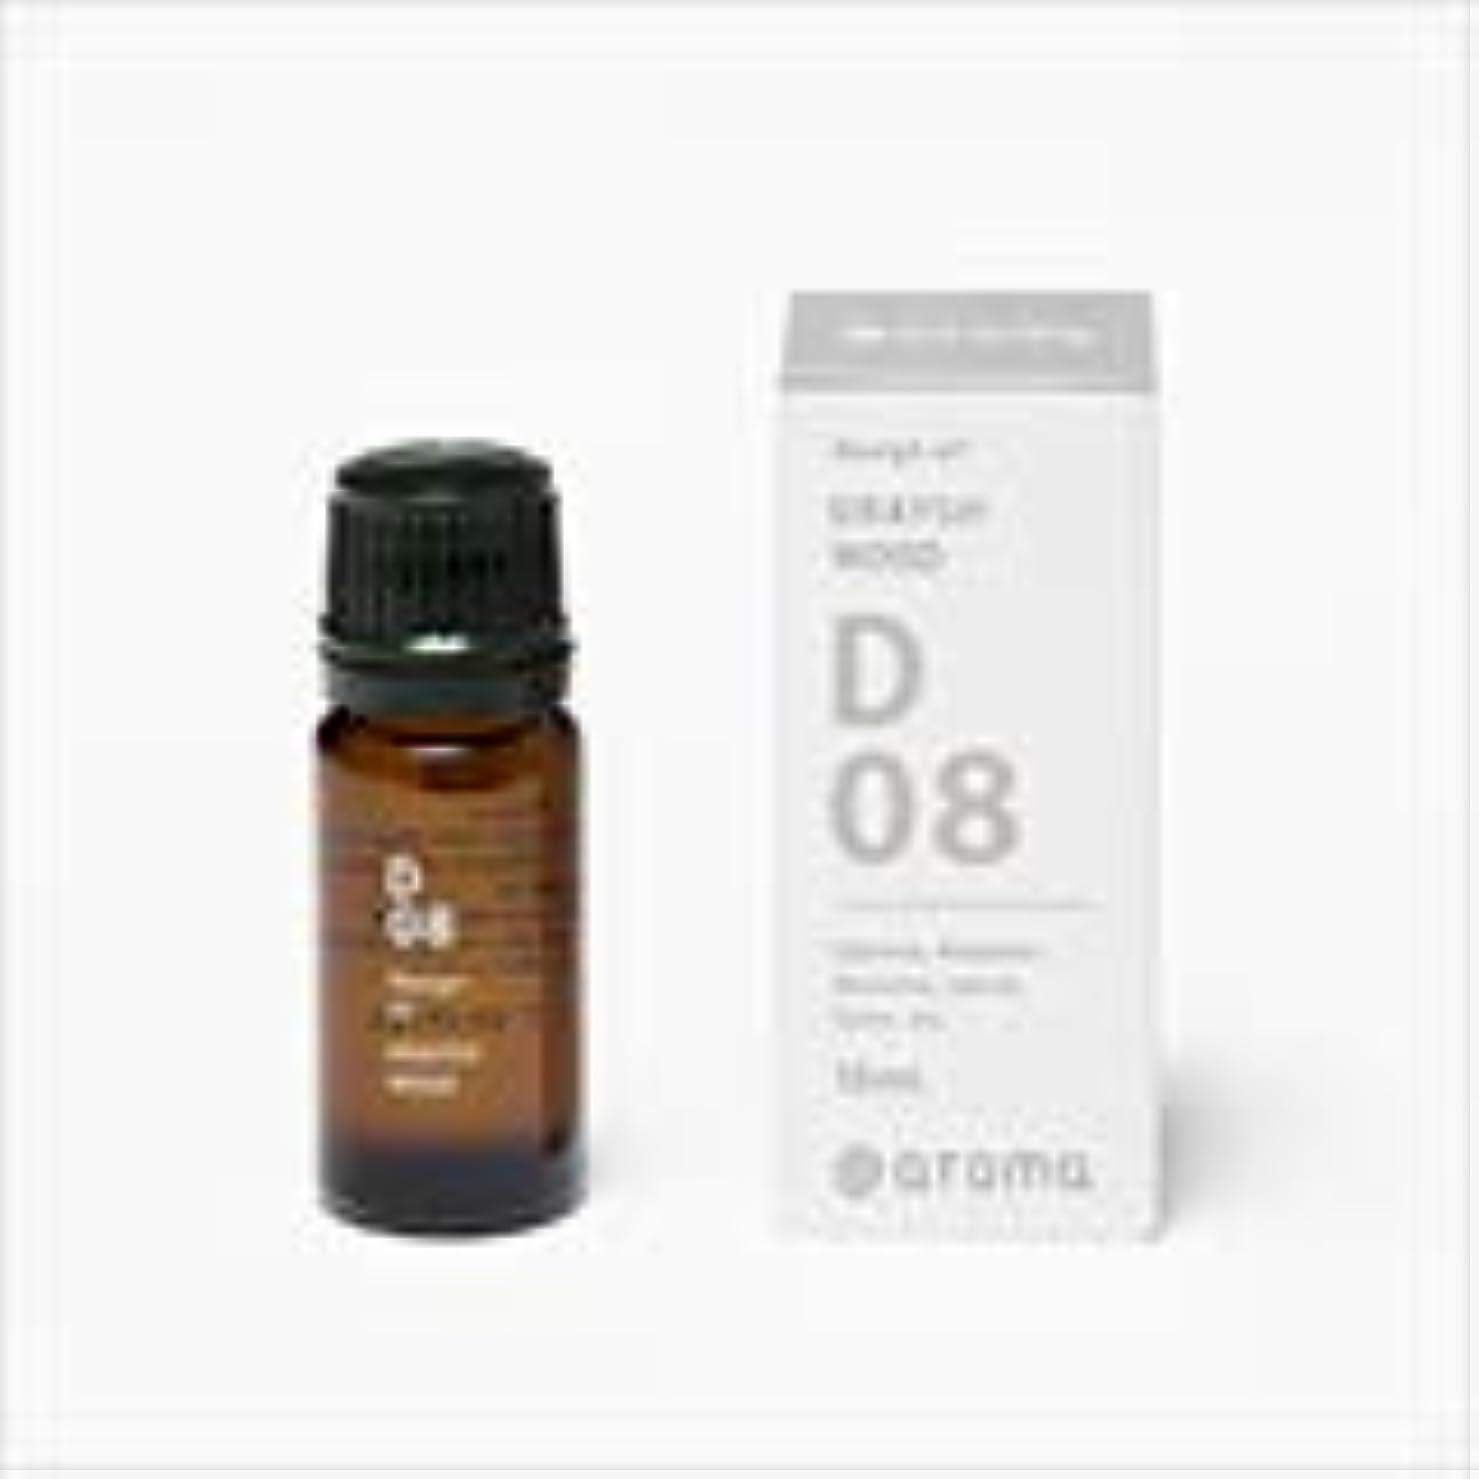 レトルト光スクレーパーアットアロマ 100%pure essential oil <Design air アブソリュートブルー>